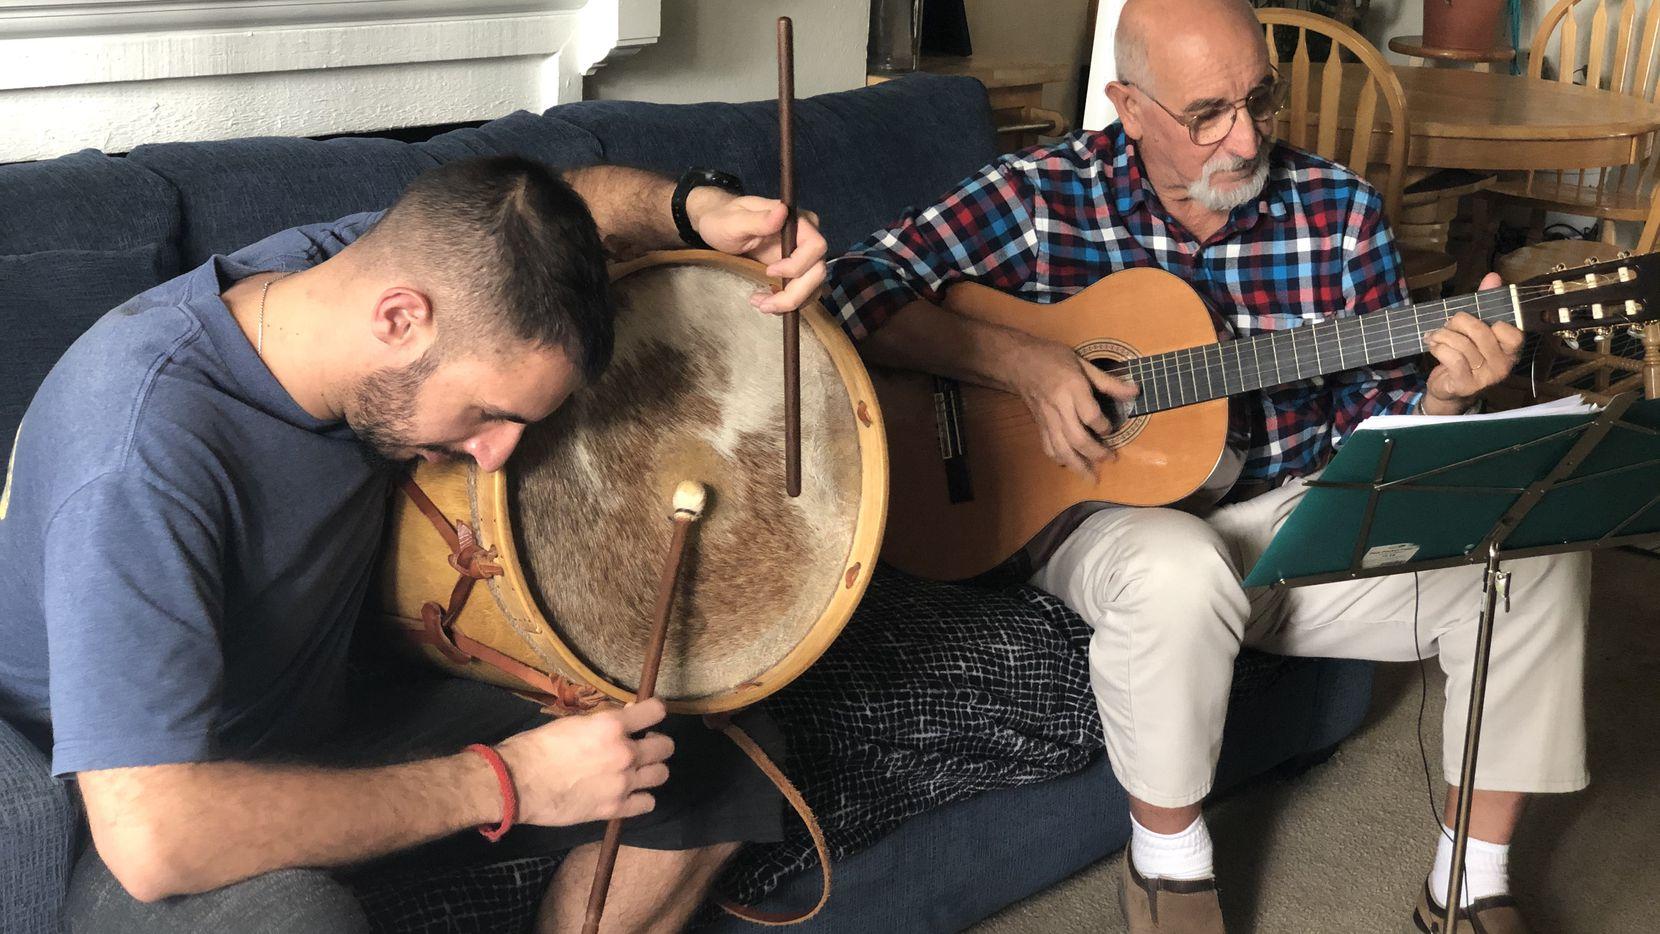 Santiago Barci (izq.) y su padre Gustavo en su departamento en Irving. Ambos tocan chacareras y otros estilos musicales típicos del folklore argentino.